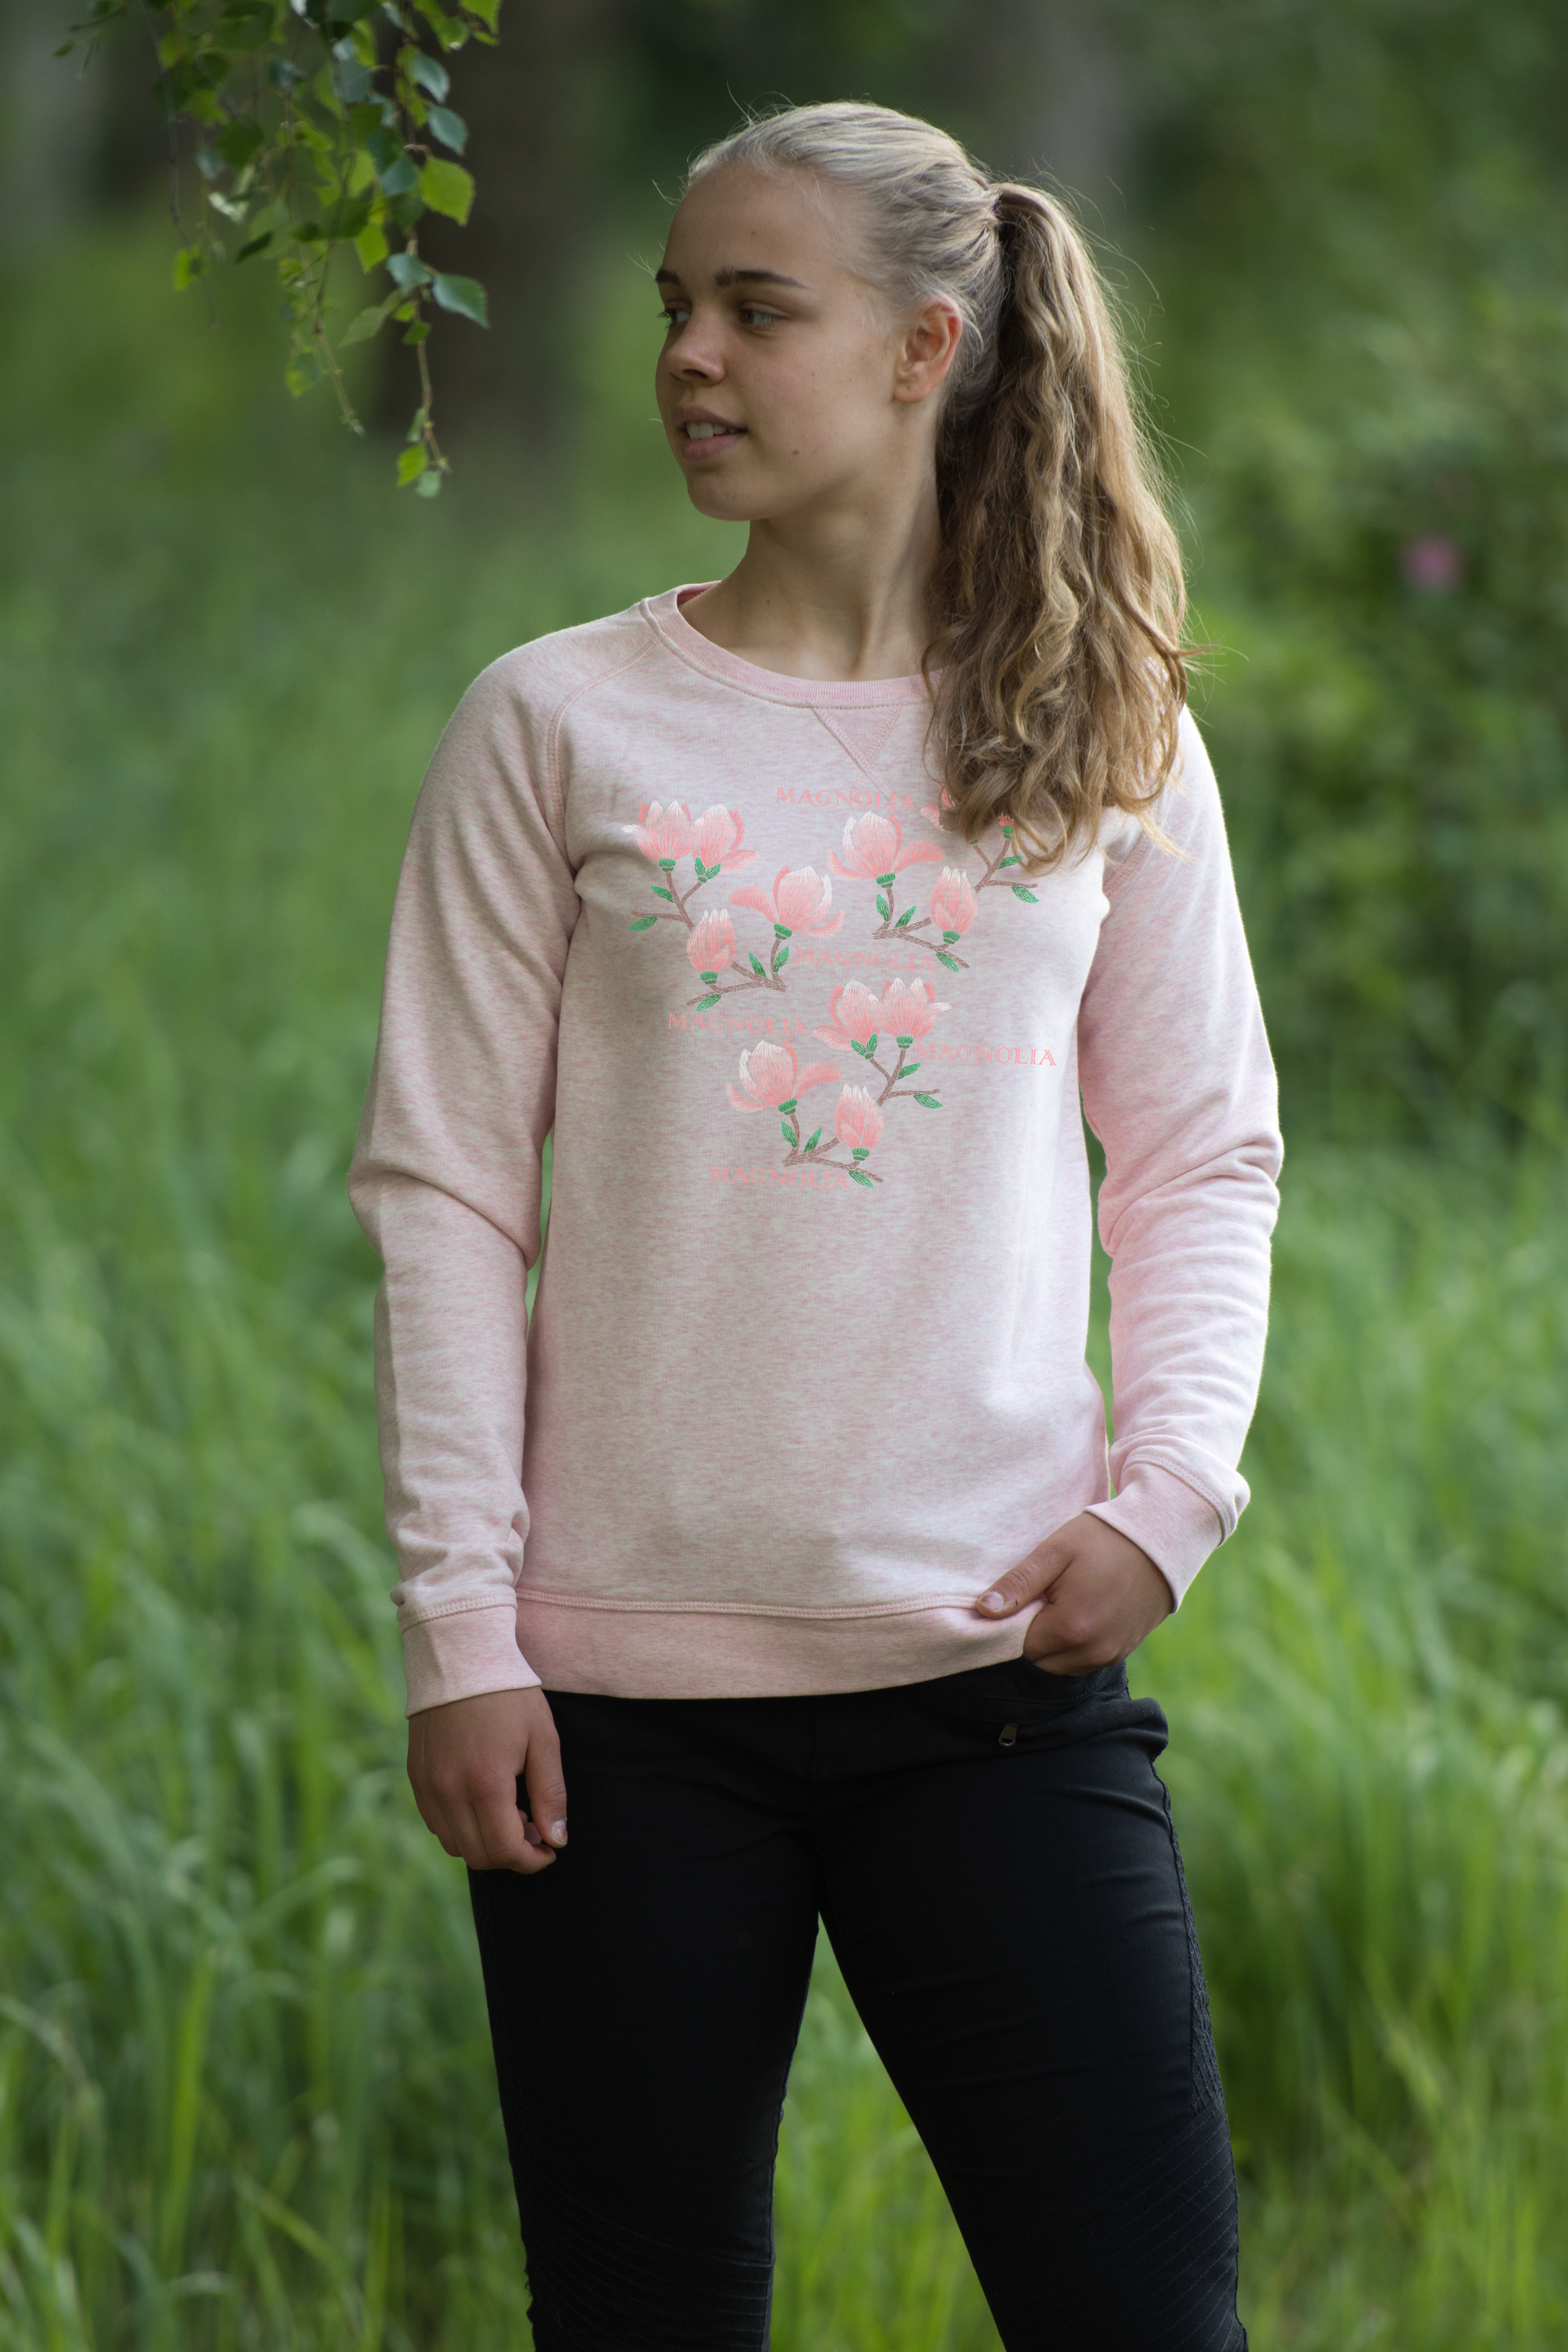 Mjuk och skön sweatshirt med tryck av magnolior. Den har raglanärmar, ribbade muddar och är gjord av ekologisk bomull.